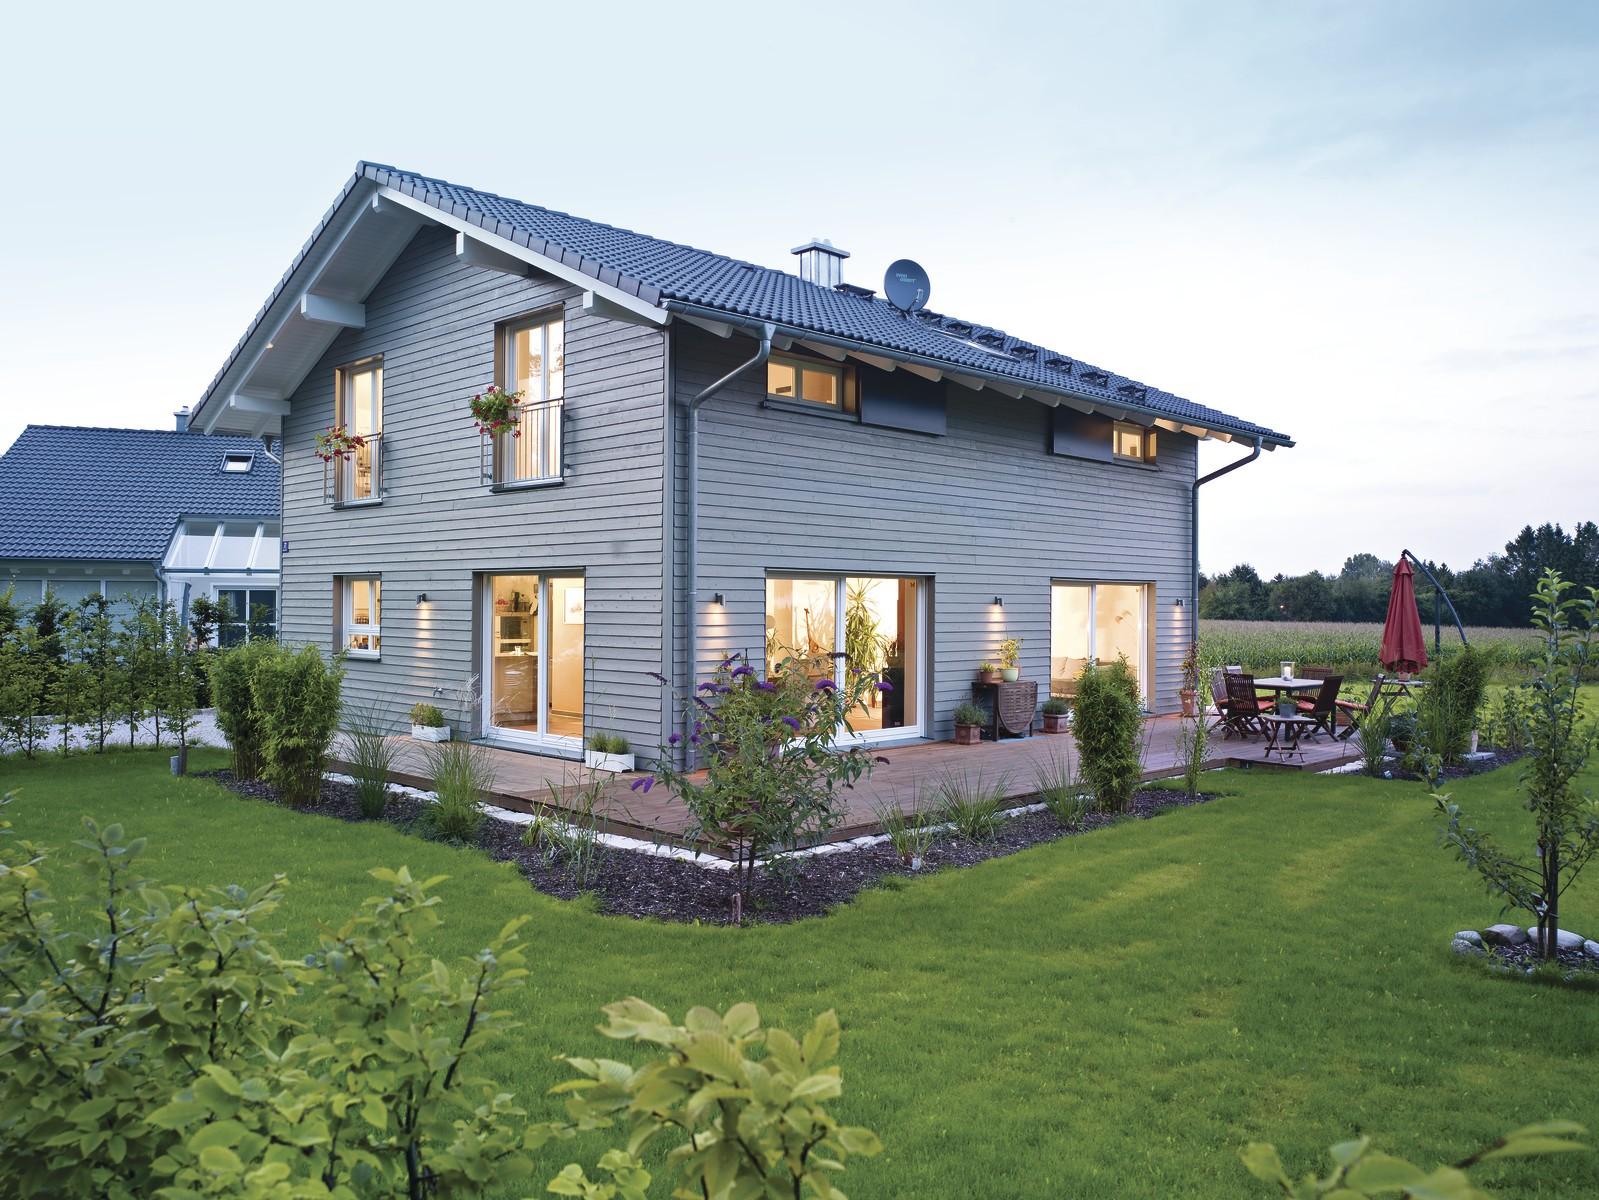 Mit mehr Planungssicherheit zum Traumhaus